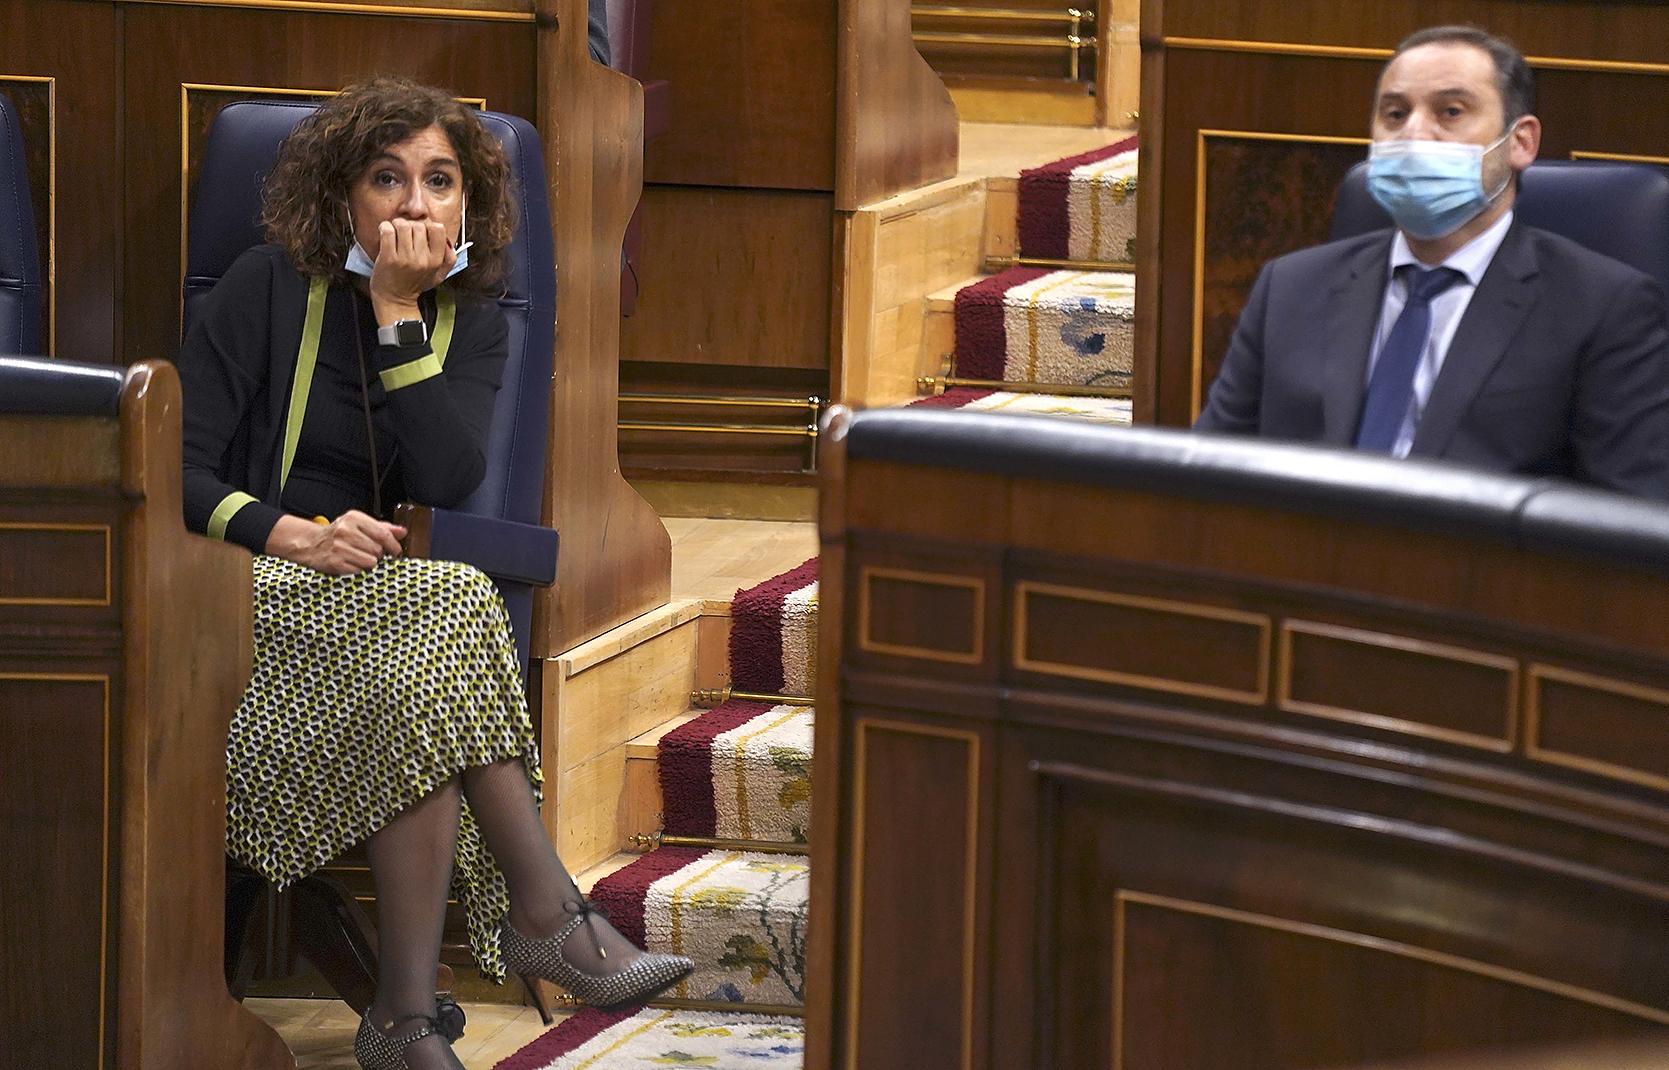 La ministra de Hacienda, María Jesús Montero y el ministro de Transportes, José Luis Ábalos